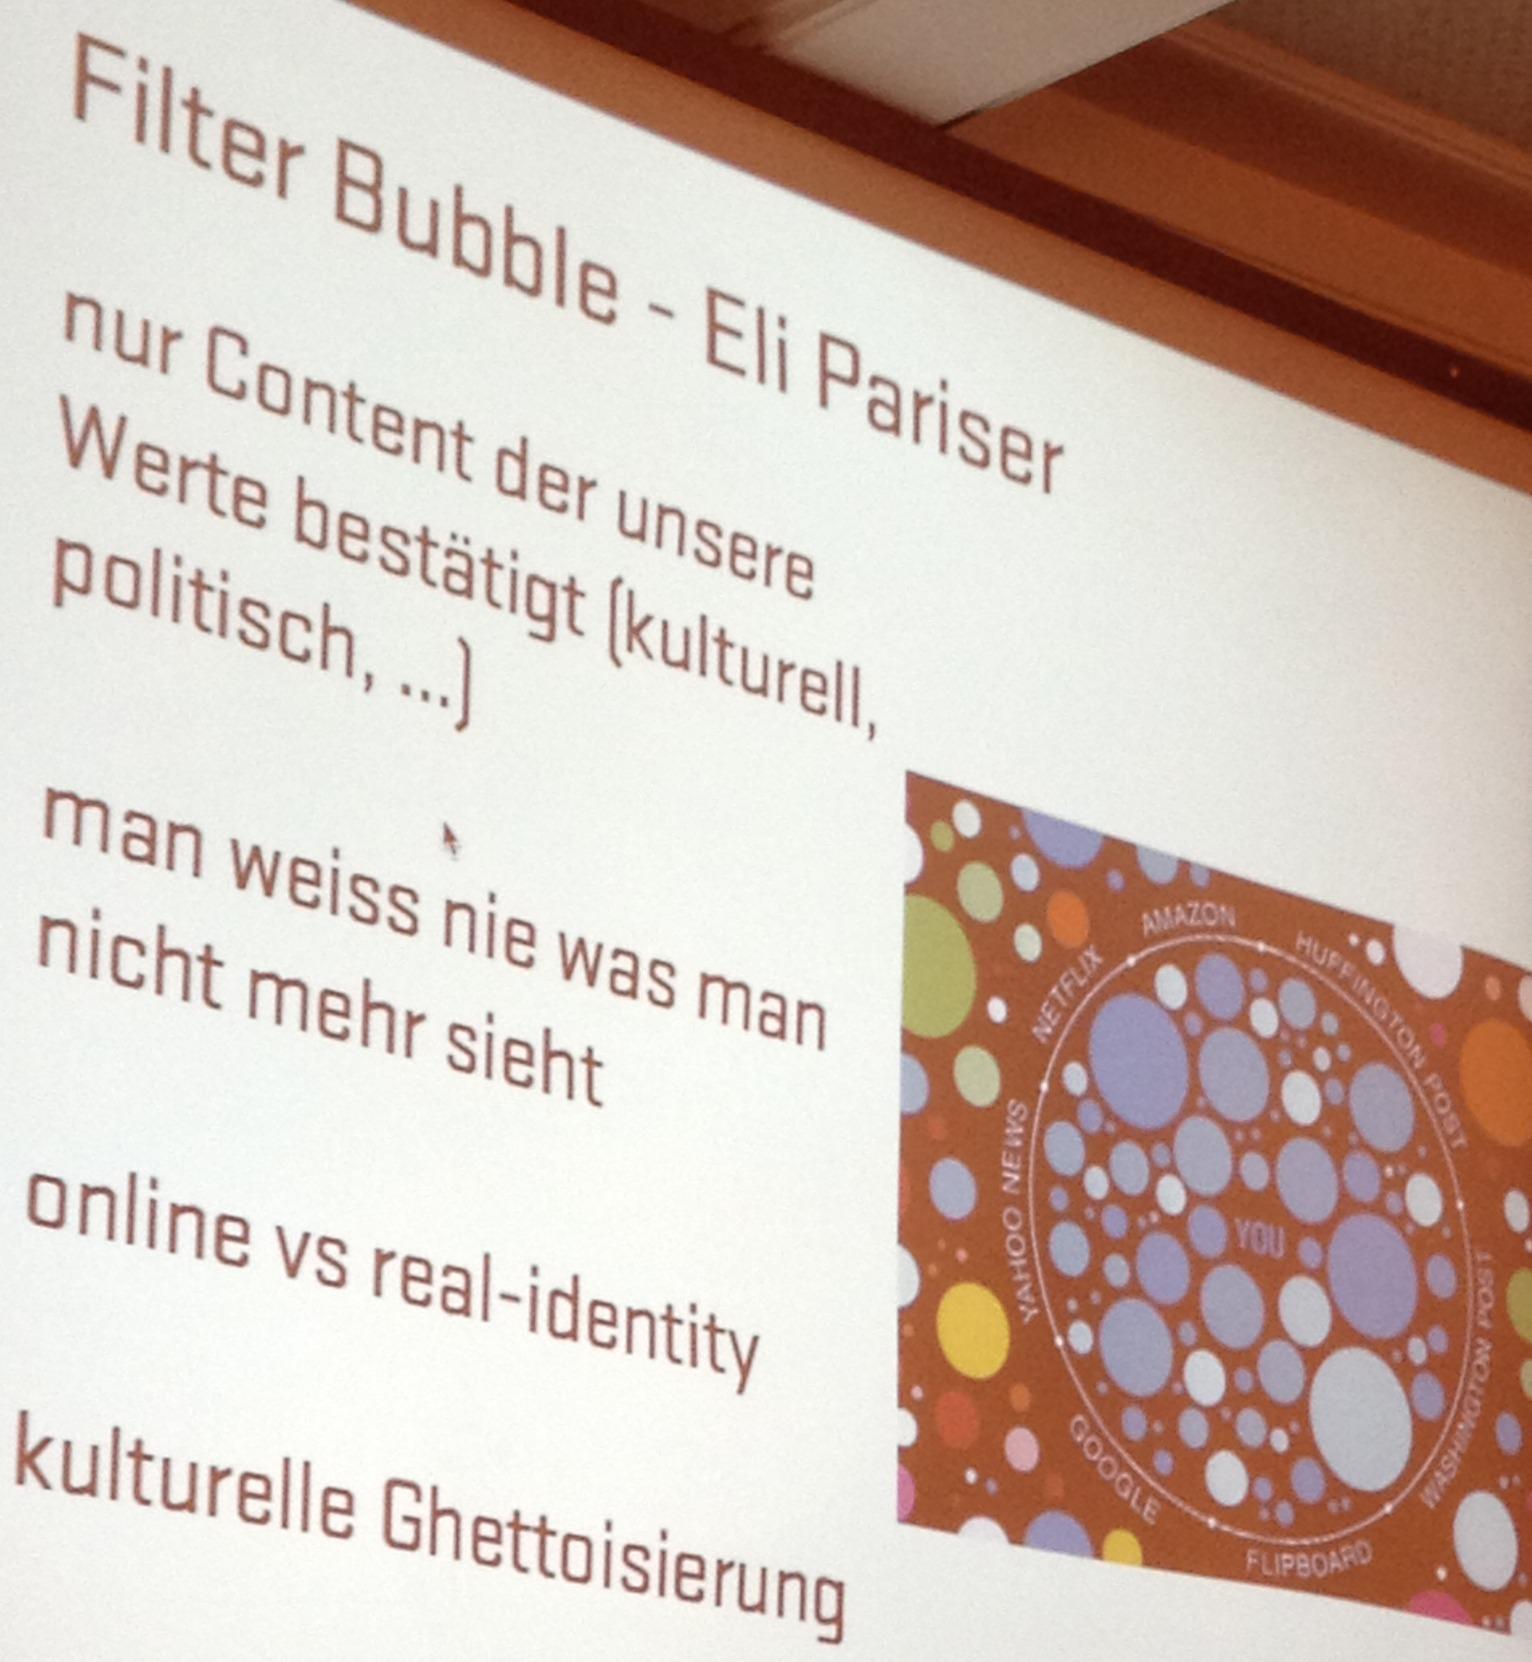 filter-bubble-eli-pariser